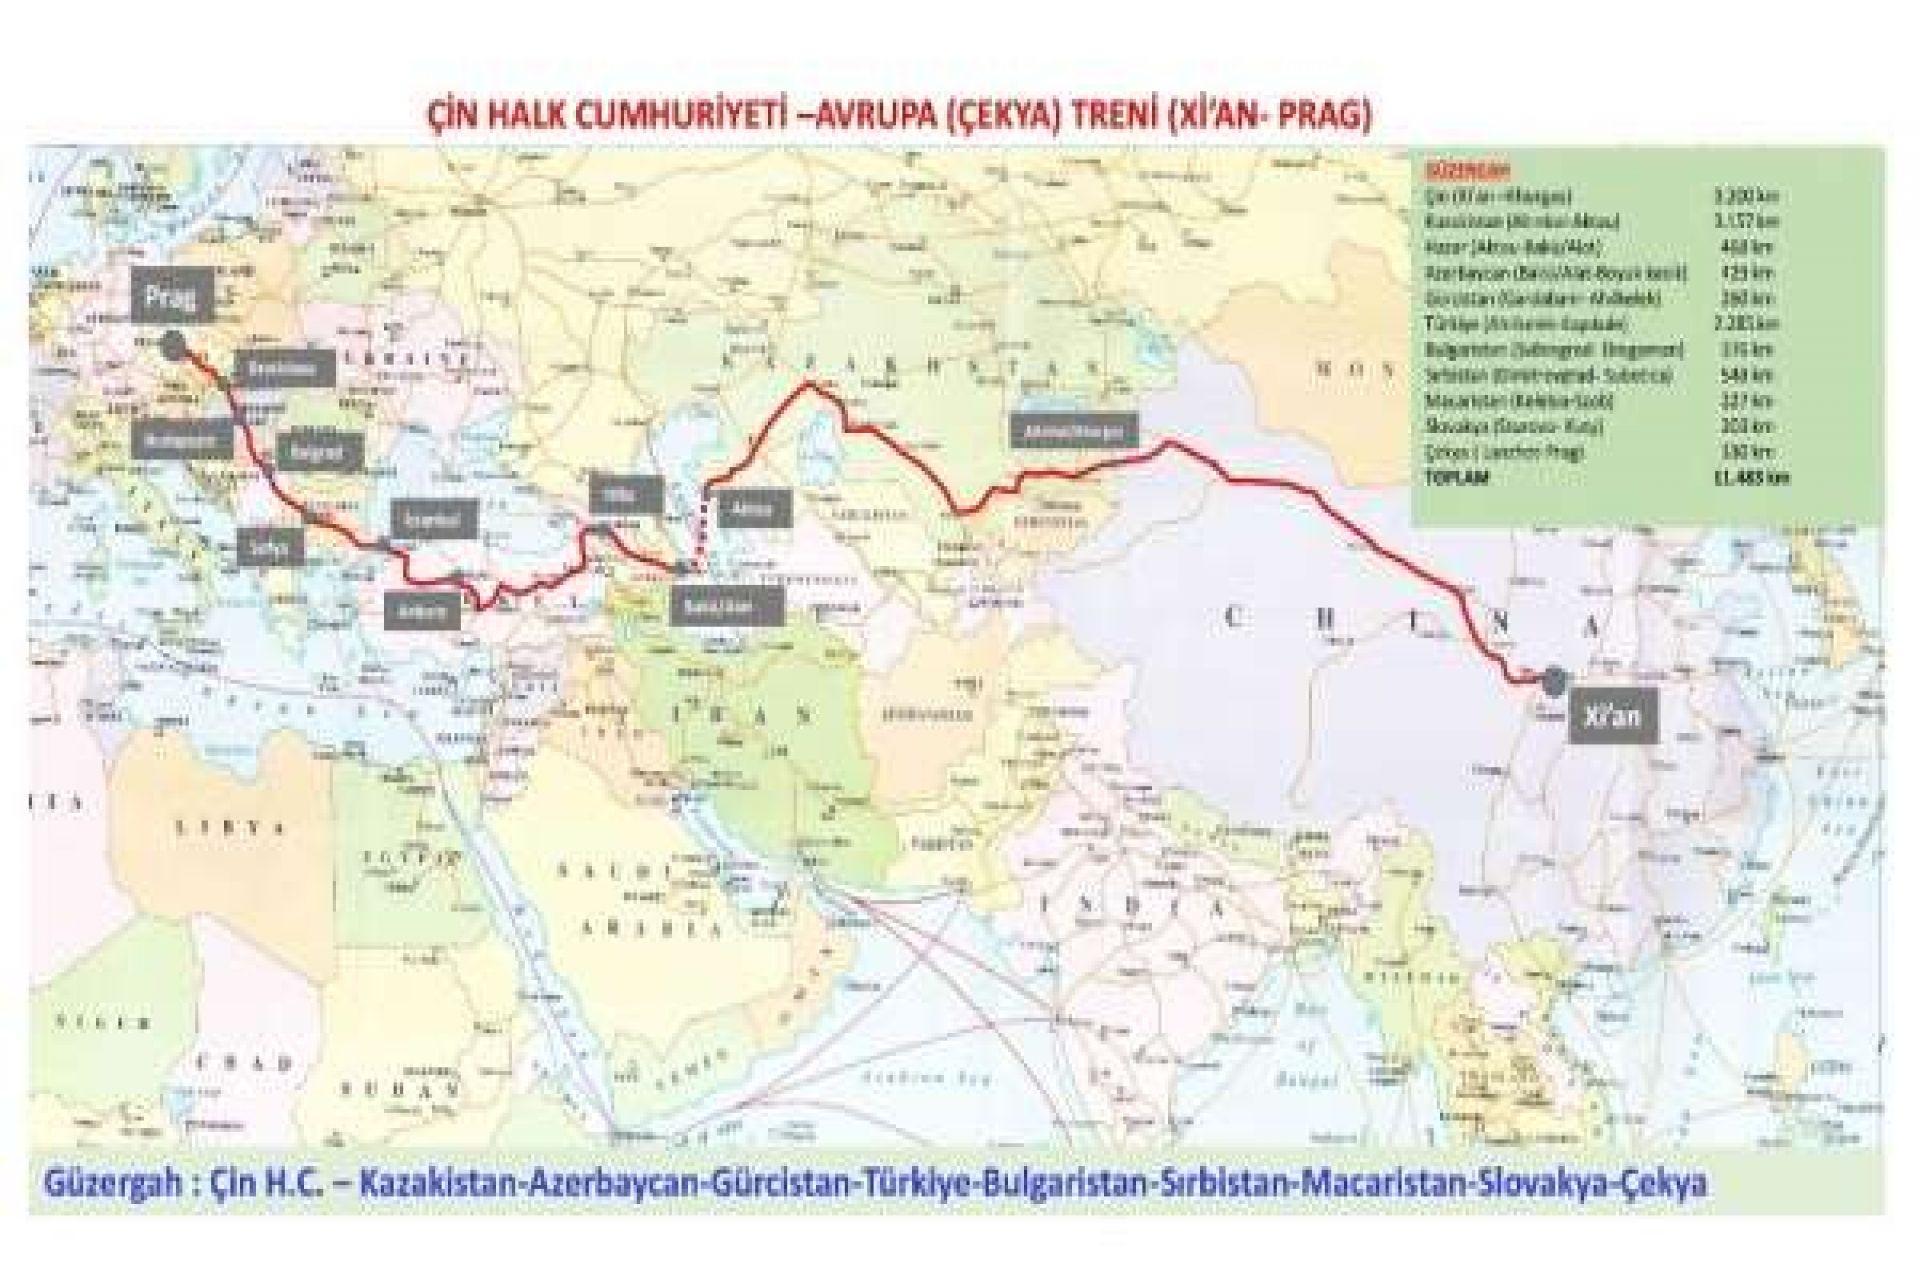 Bakı-Tbilisi-Qars dəmir yolu xətti ilə hərəkət edəcək Türkiyənin ikinci ixrac qatarı Çinə doğru yola düşüb